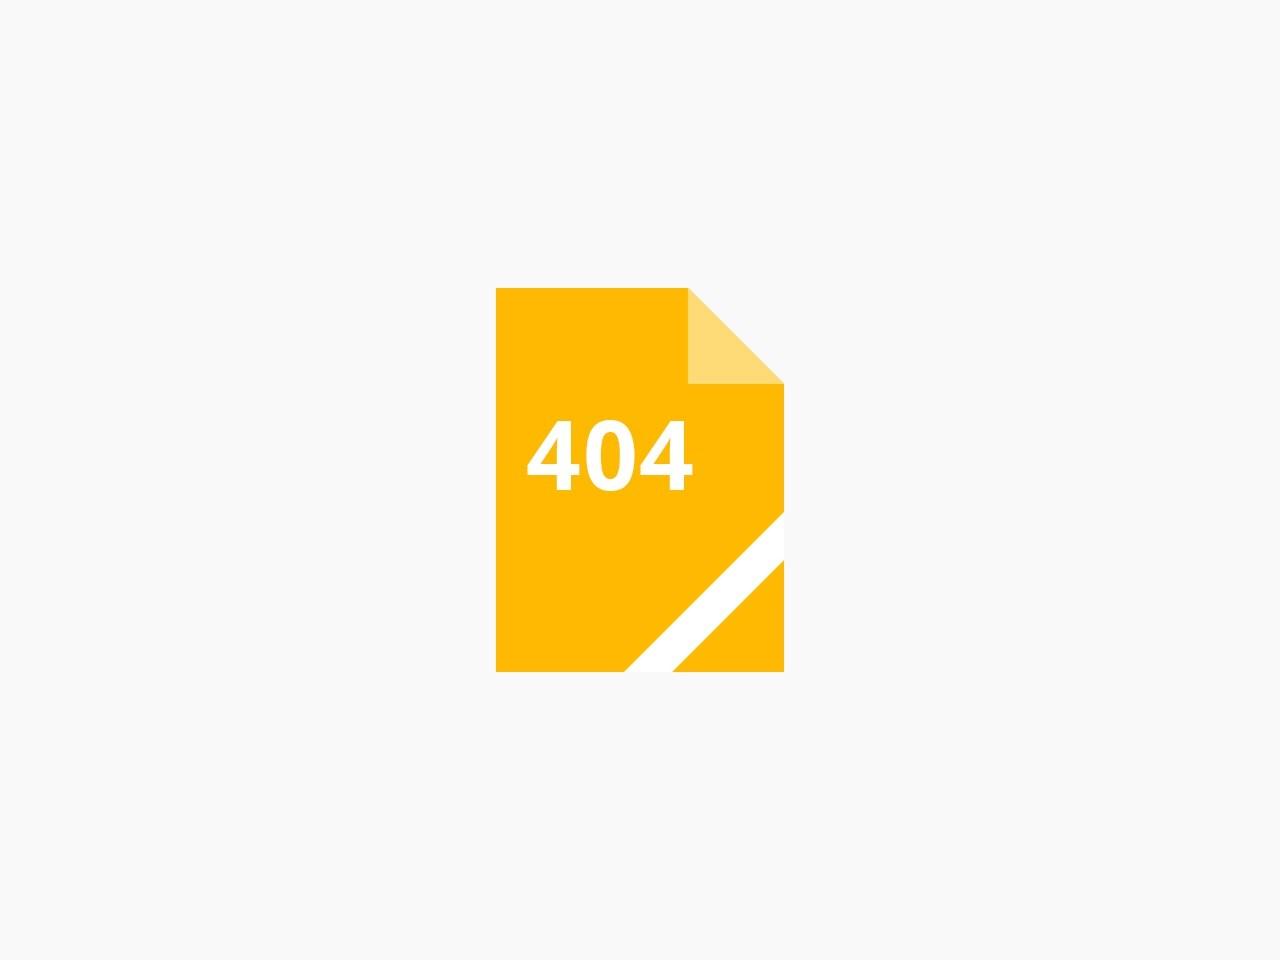 新疆在线_新疆门户网站_新疆网站